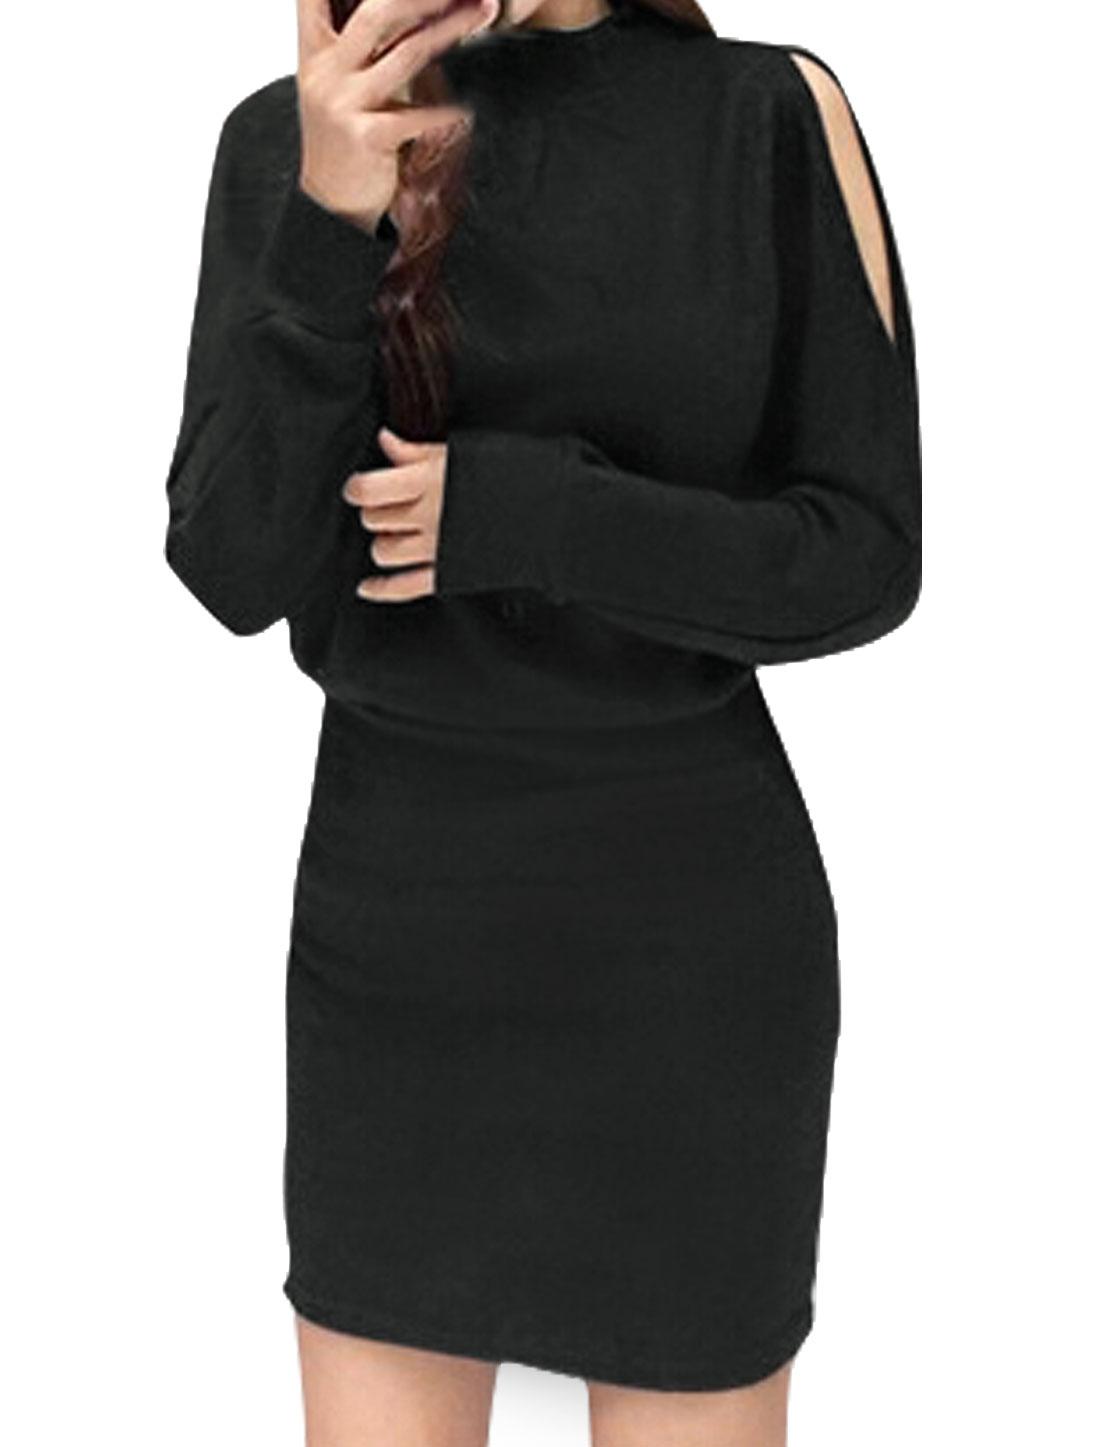 Women Mock Neck Split Batwing Sleeves Blouson Dress Black XS